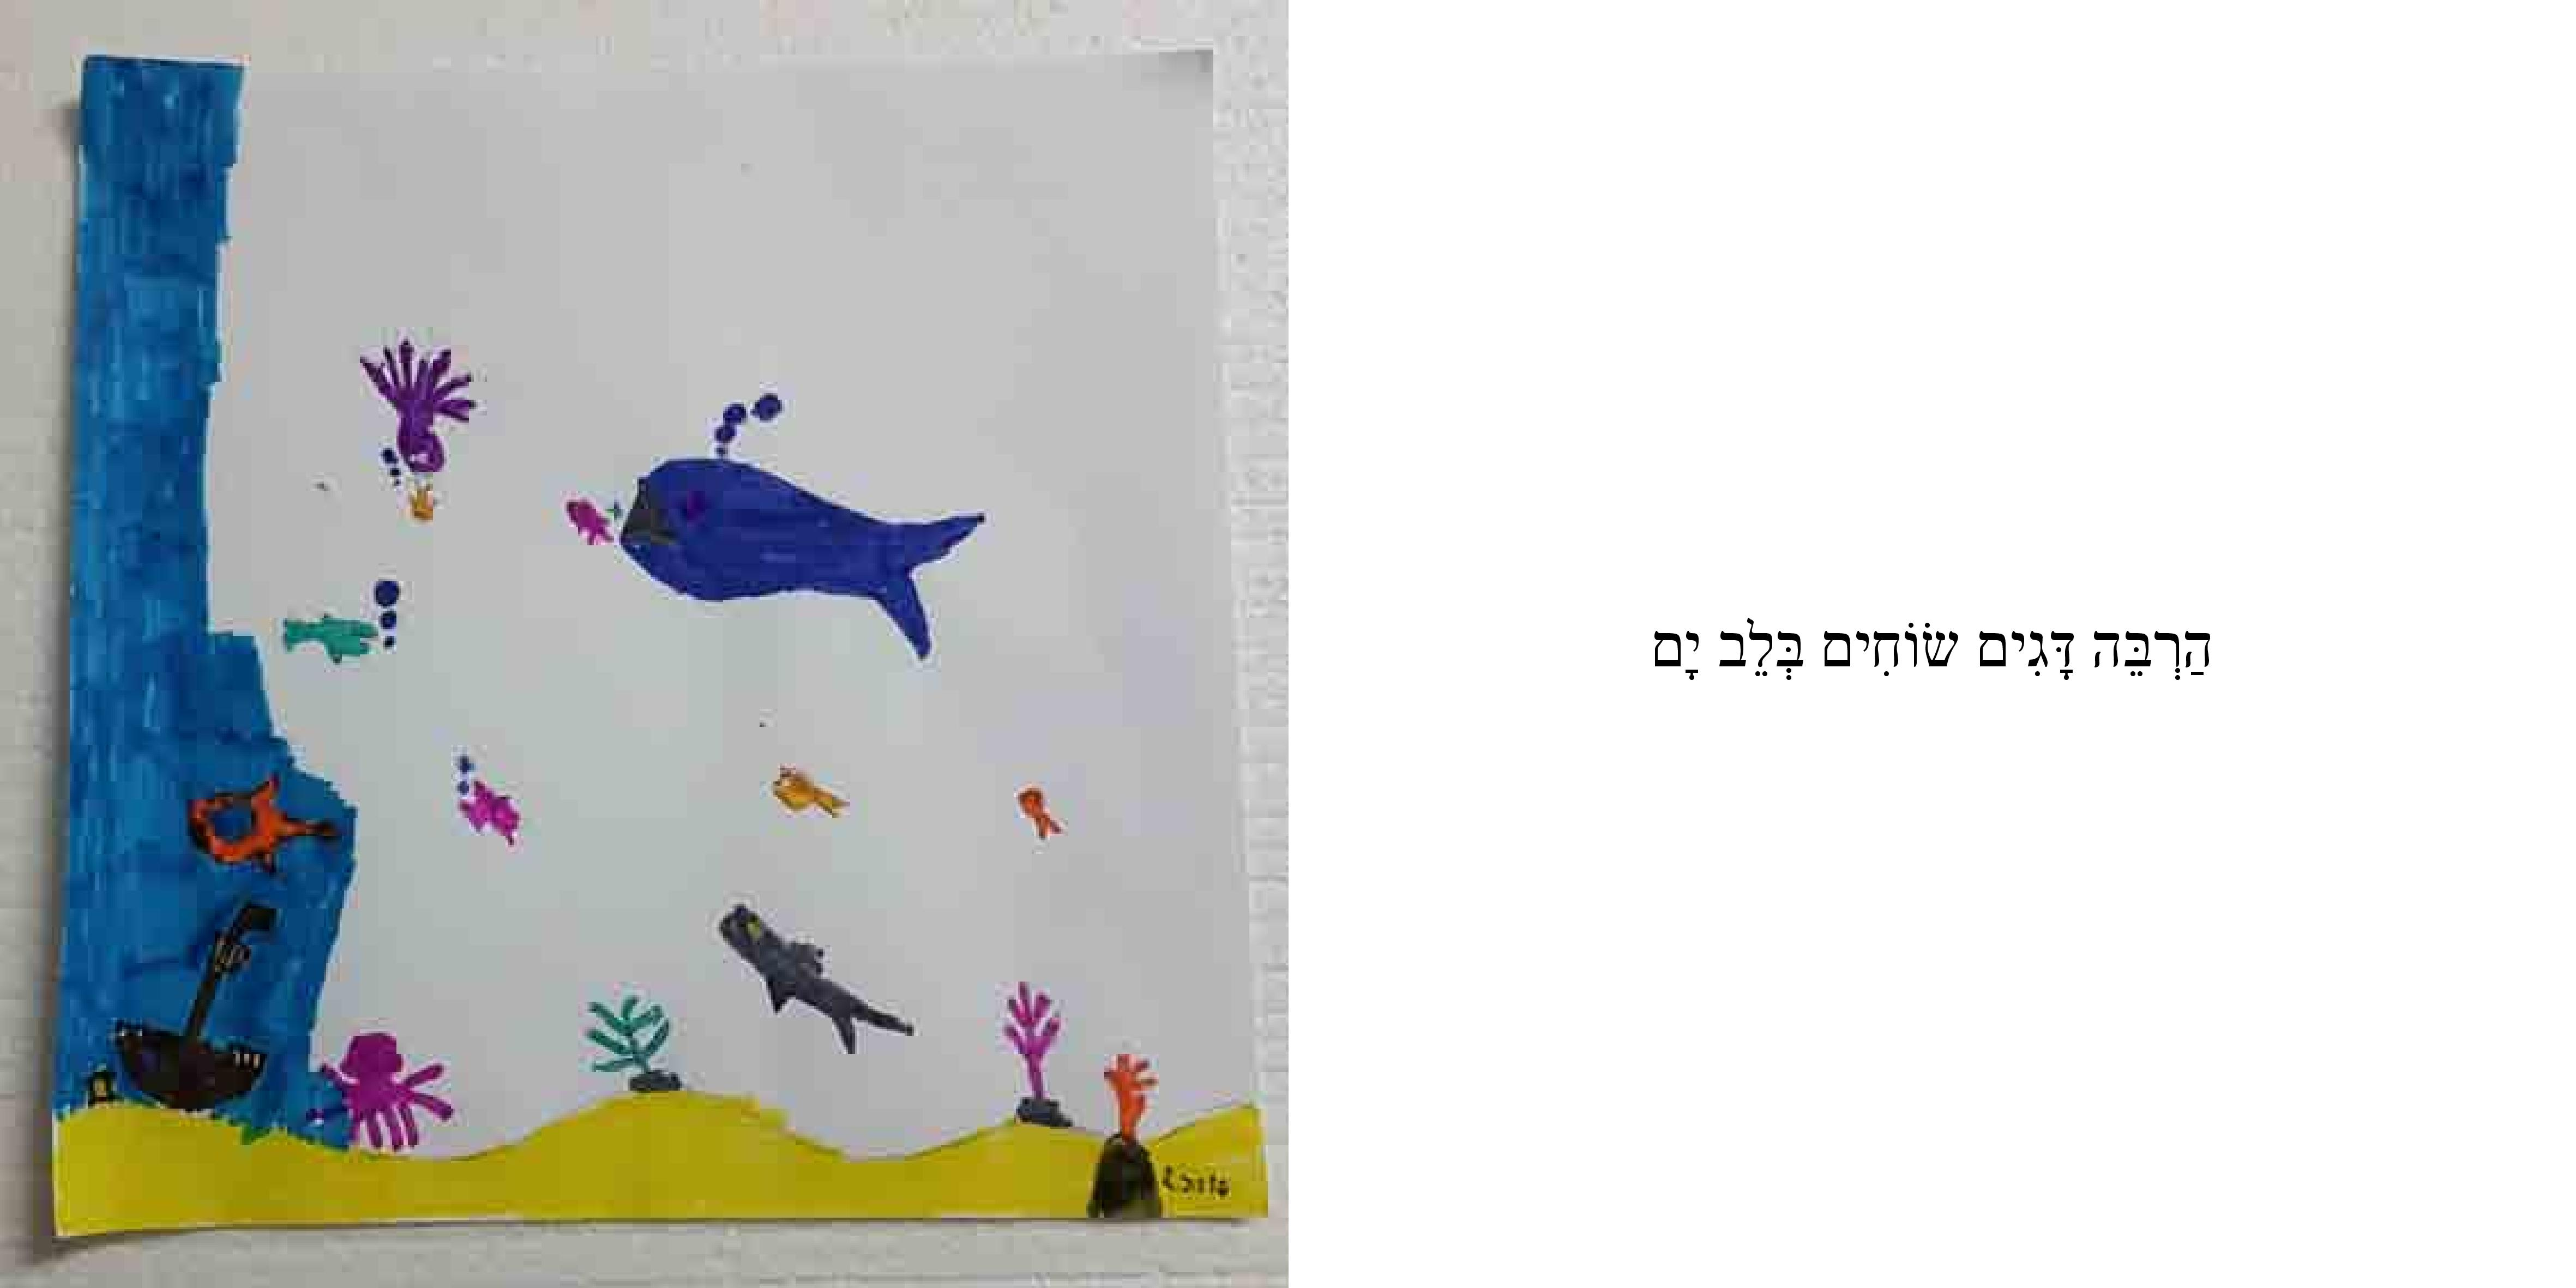 איזה עולם נפלא by Sigal Magen - Illustrated by נועם, דביר, יואב, עומר, ארז, אוהד, רן, שי, מיקה, נעמה, שירה, עדן, ליבי ושני - Ourboox.com